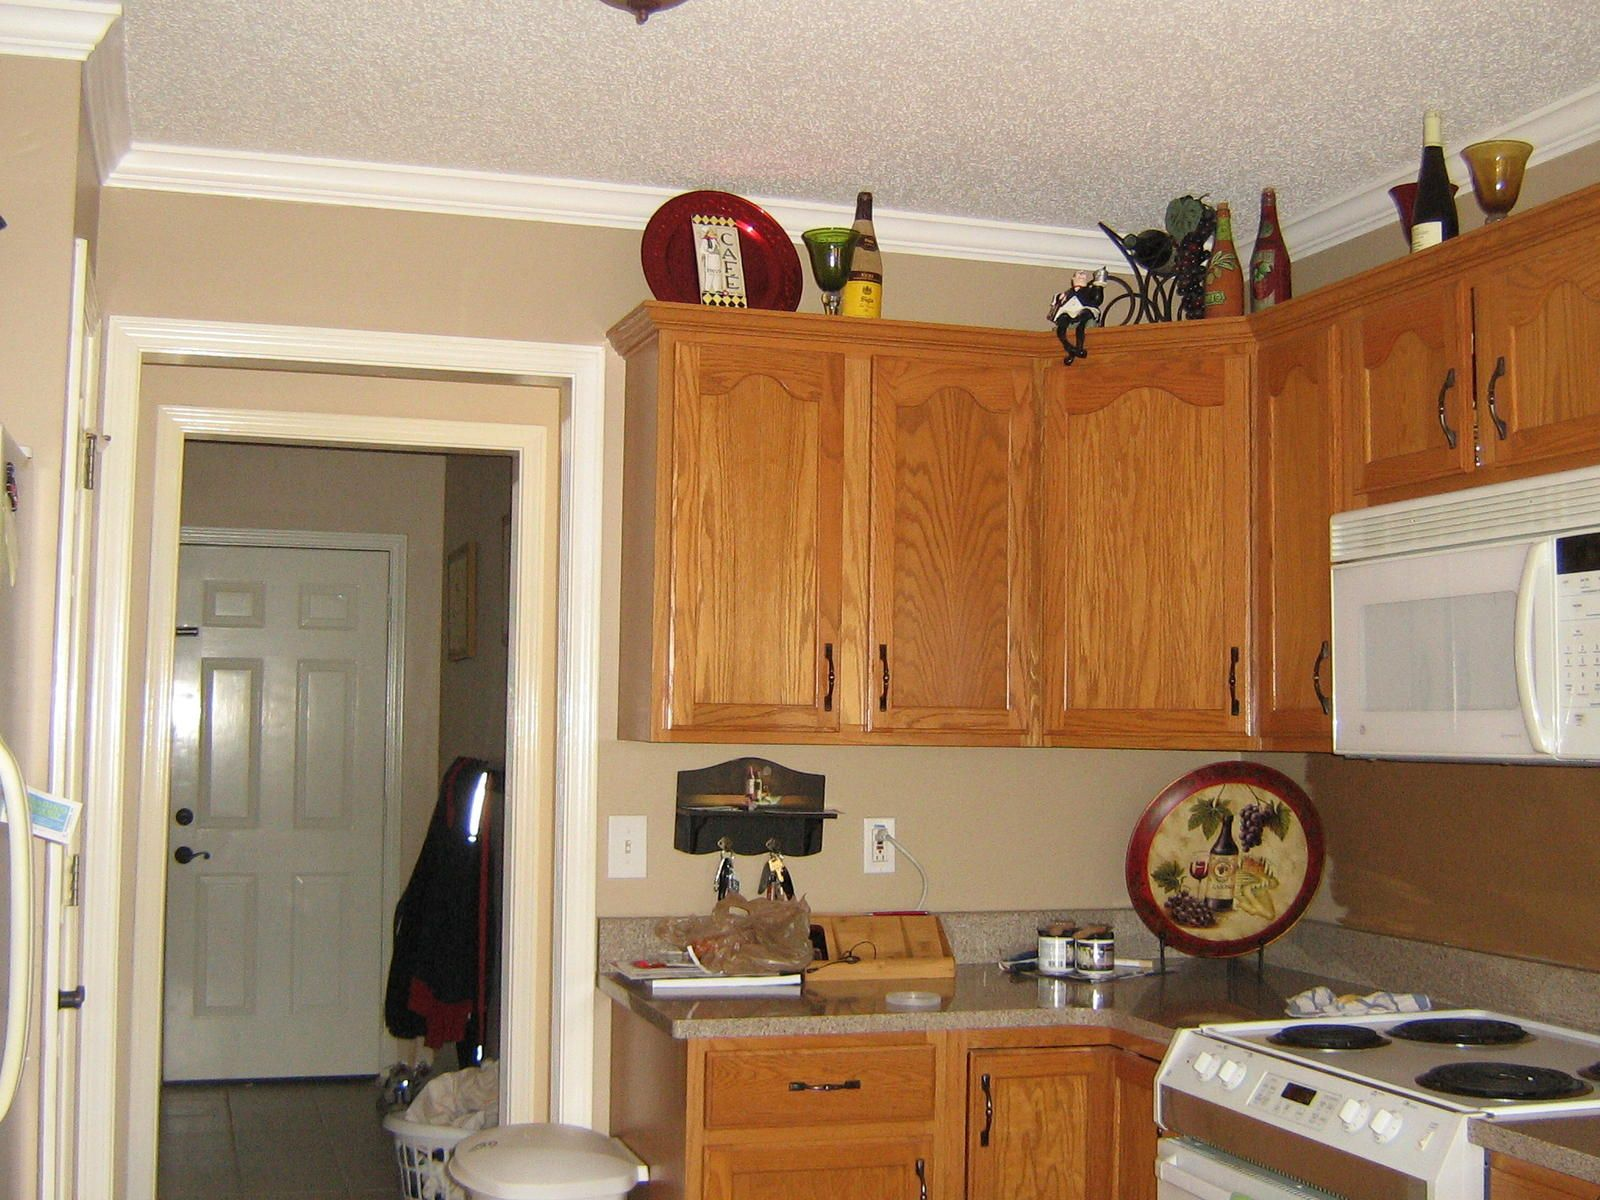 kitchen+paint+colors PLEASE HELP choosing paint color